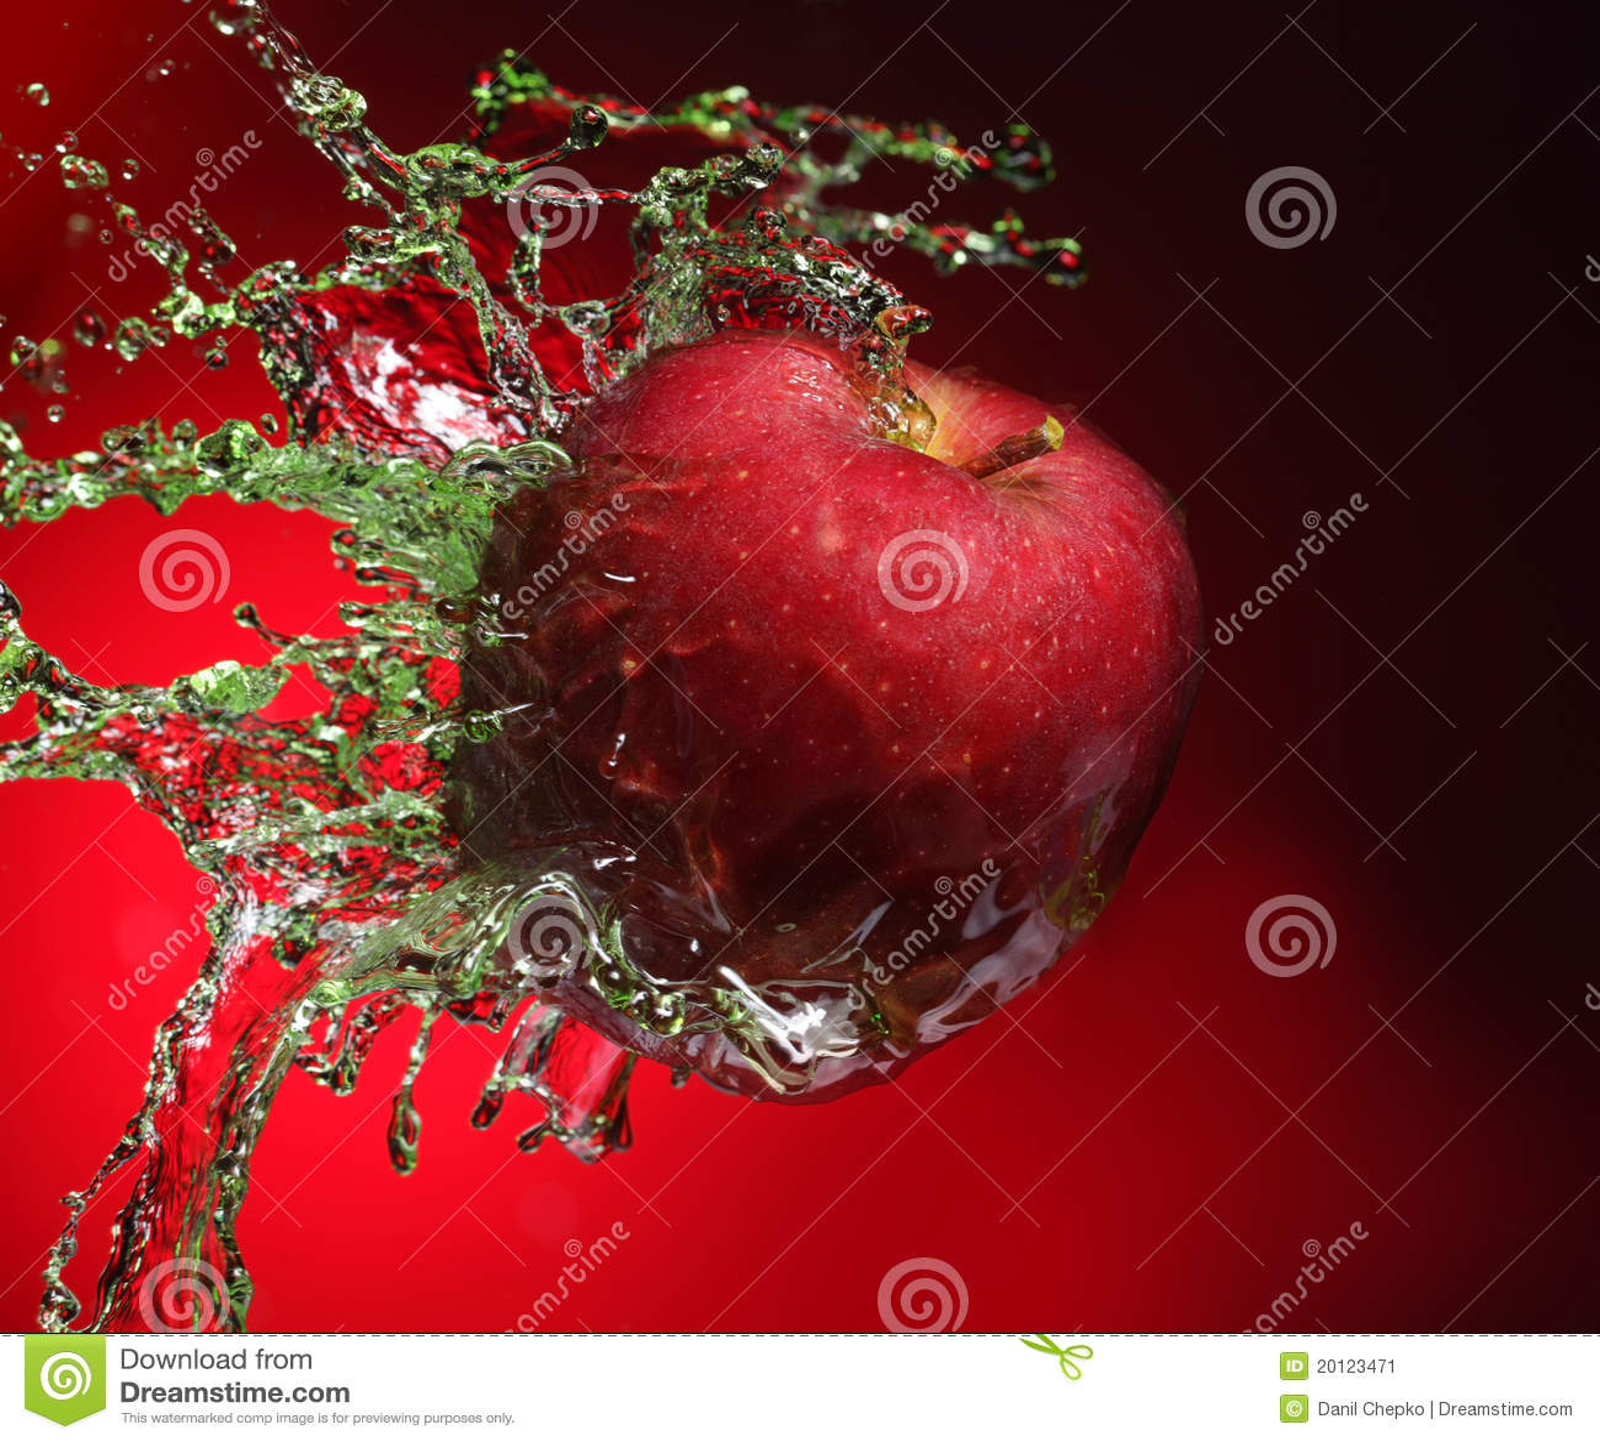 Apple in juice